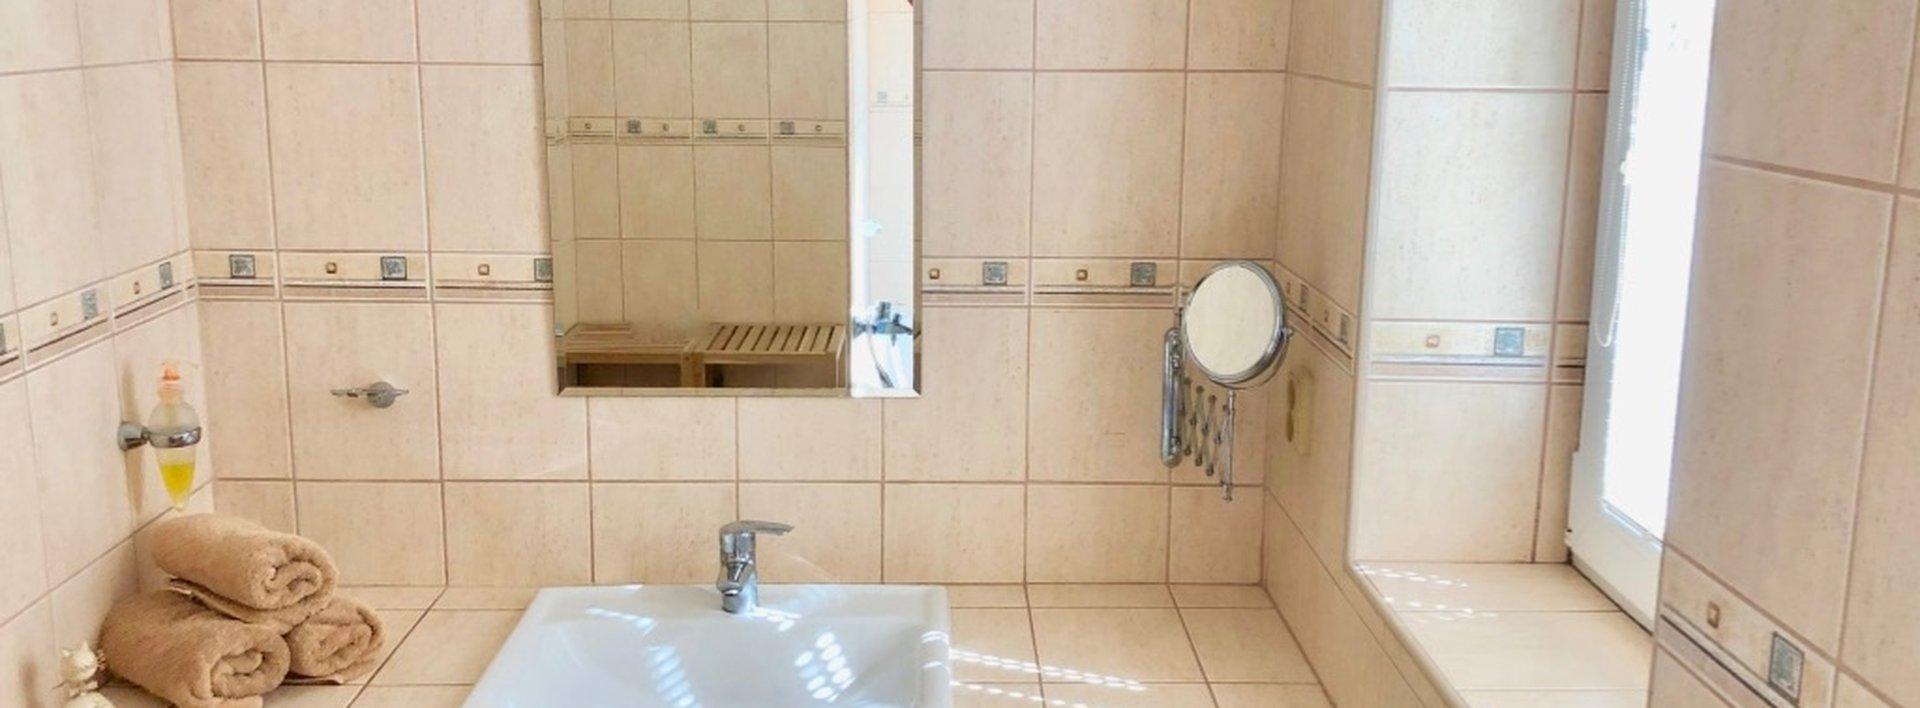 Prodej bytu 3+1, 84 m² - Liberec - Perštýn, ul. Mlýnská, Ev.č.: N48856